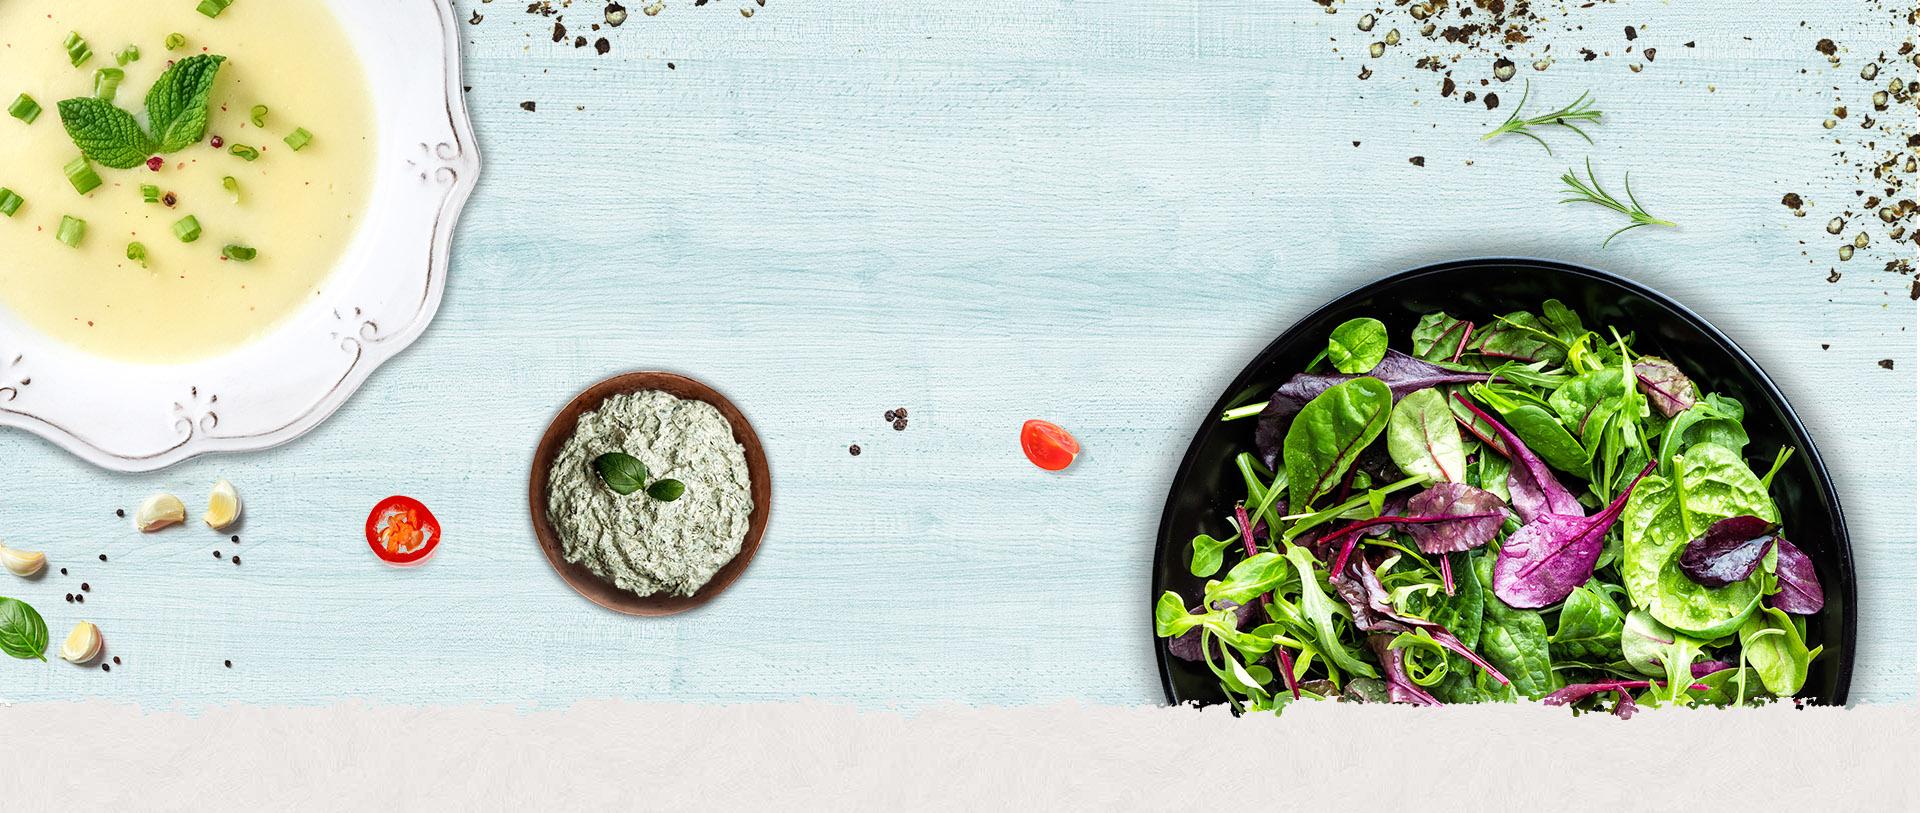 پیش غذا | appetizer